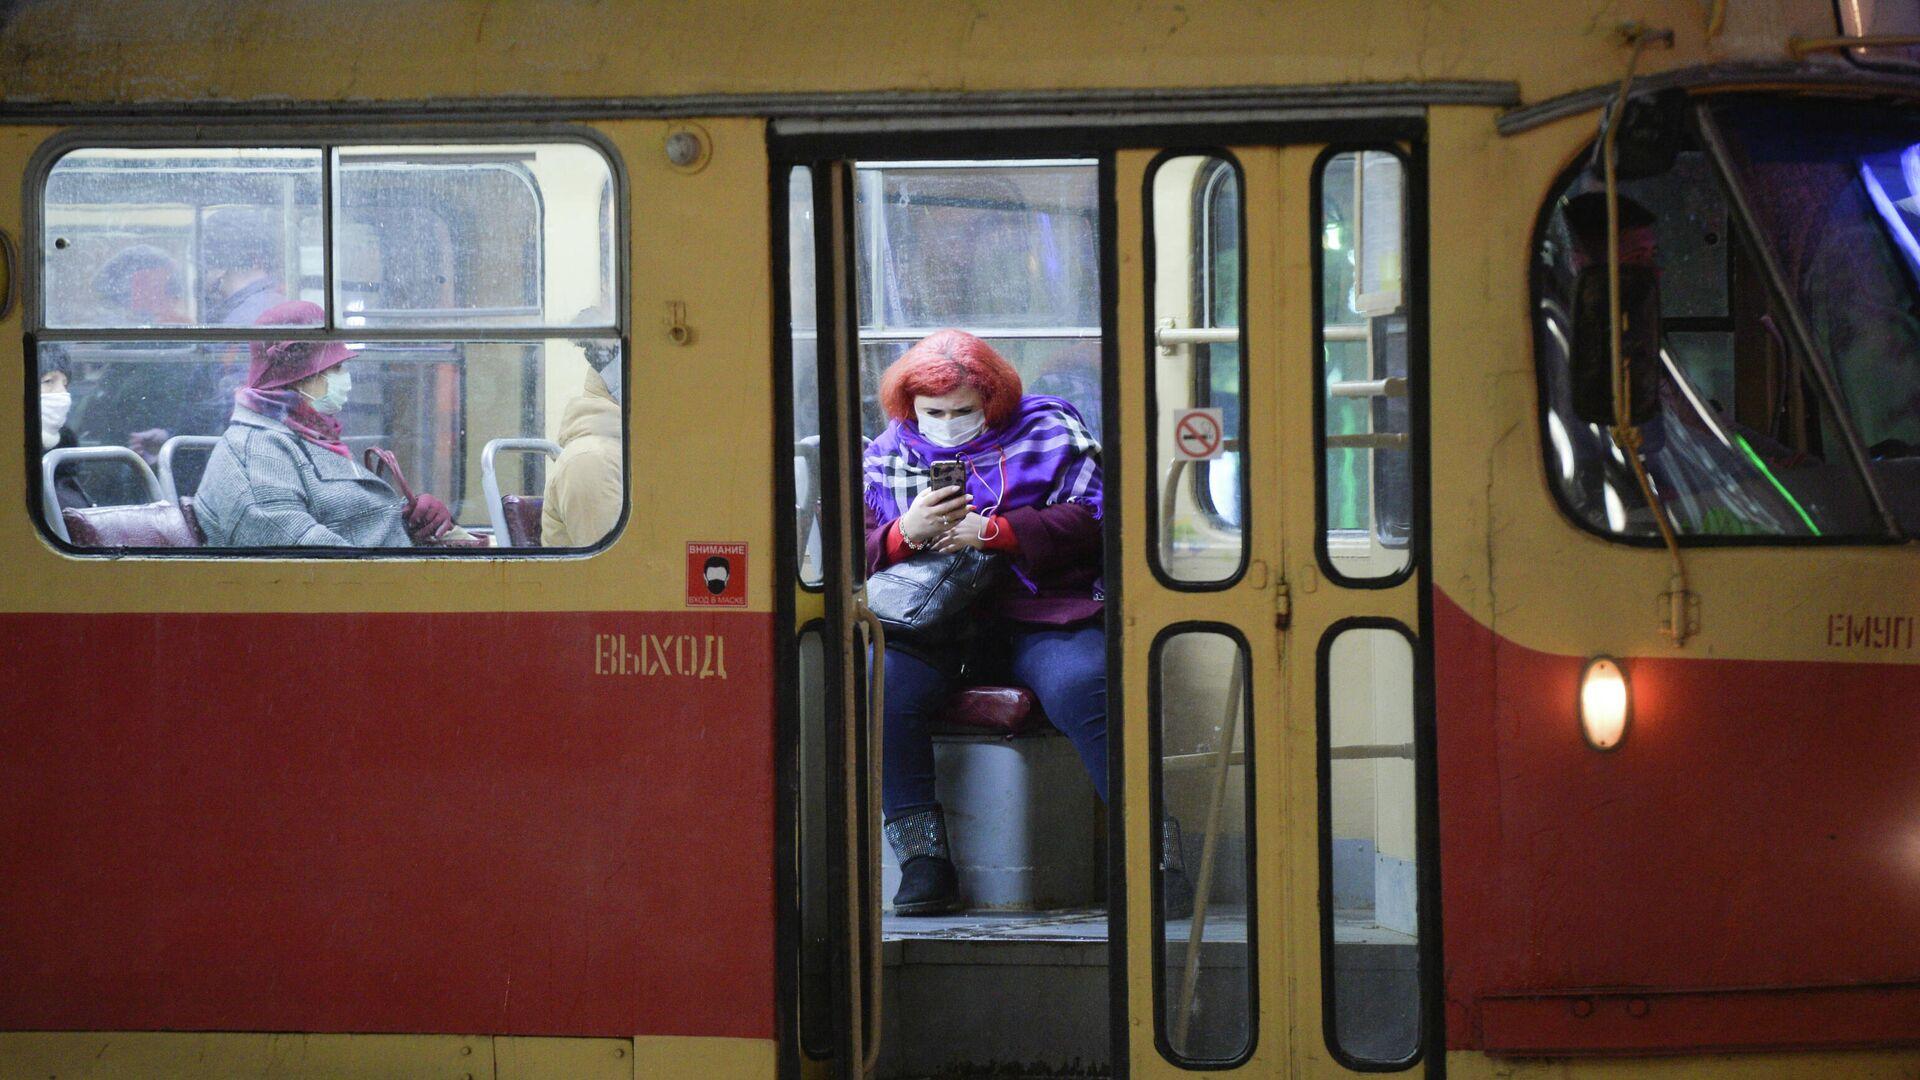 Пассажиры трамвая в защитных масках в Екатеринбурге - РИА Новости, 1920, 01.09.2021